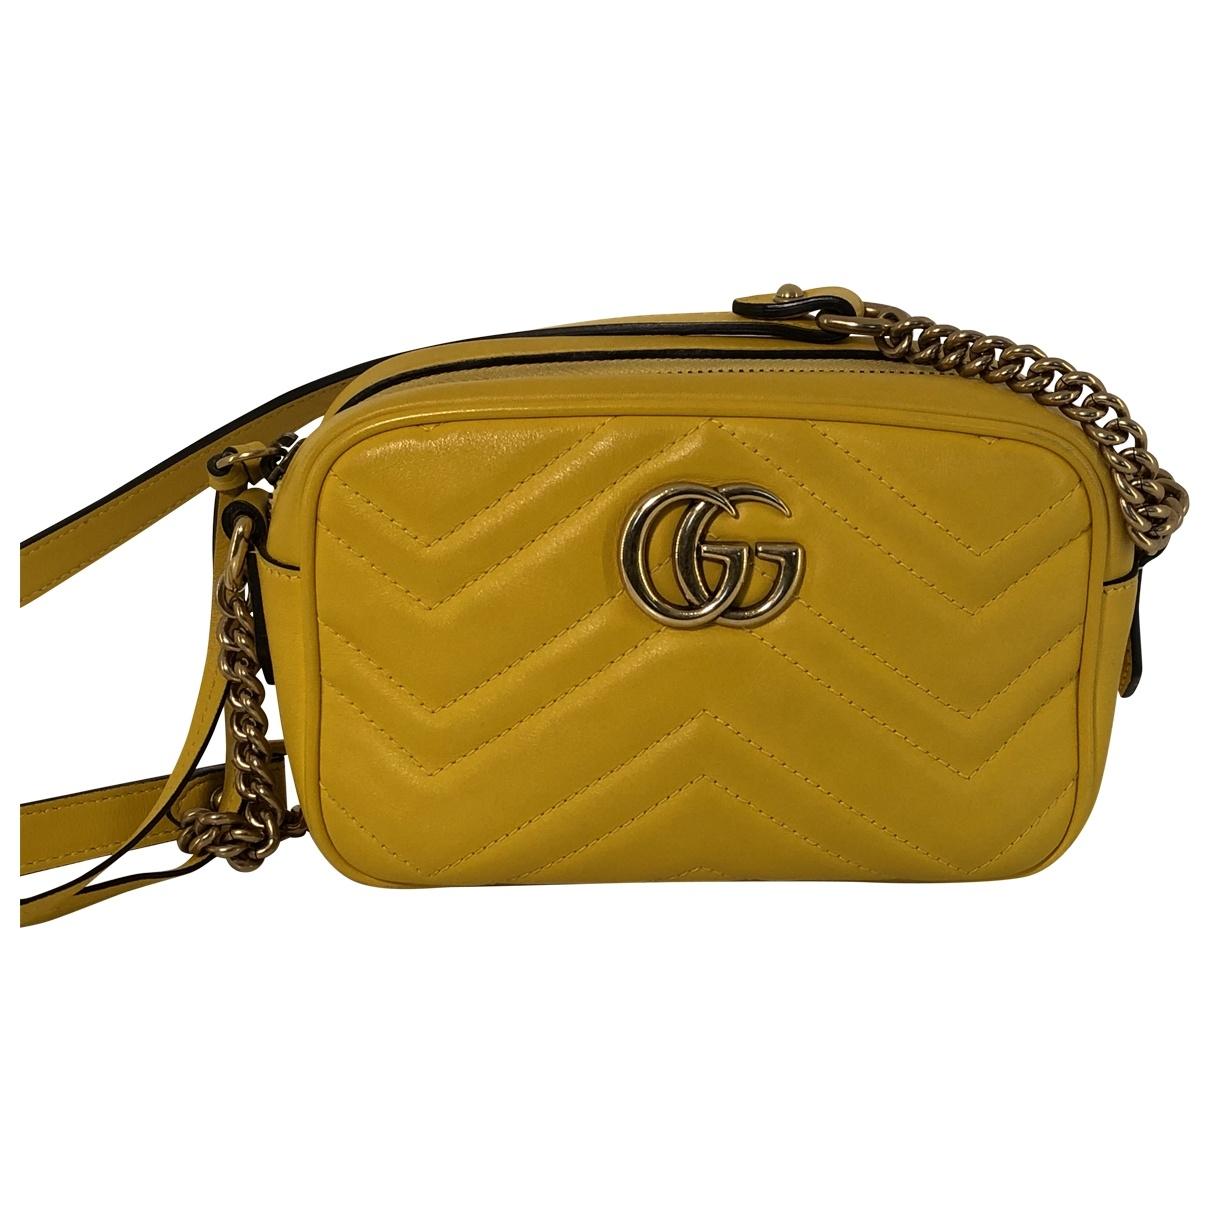 Gucci - Sac a main Marmont pour femme en cuir - jaune